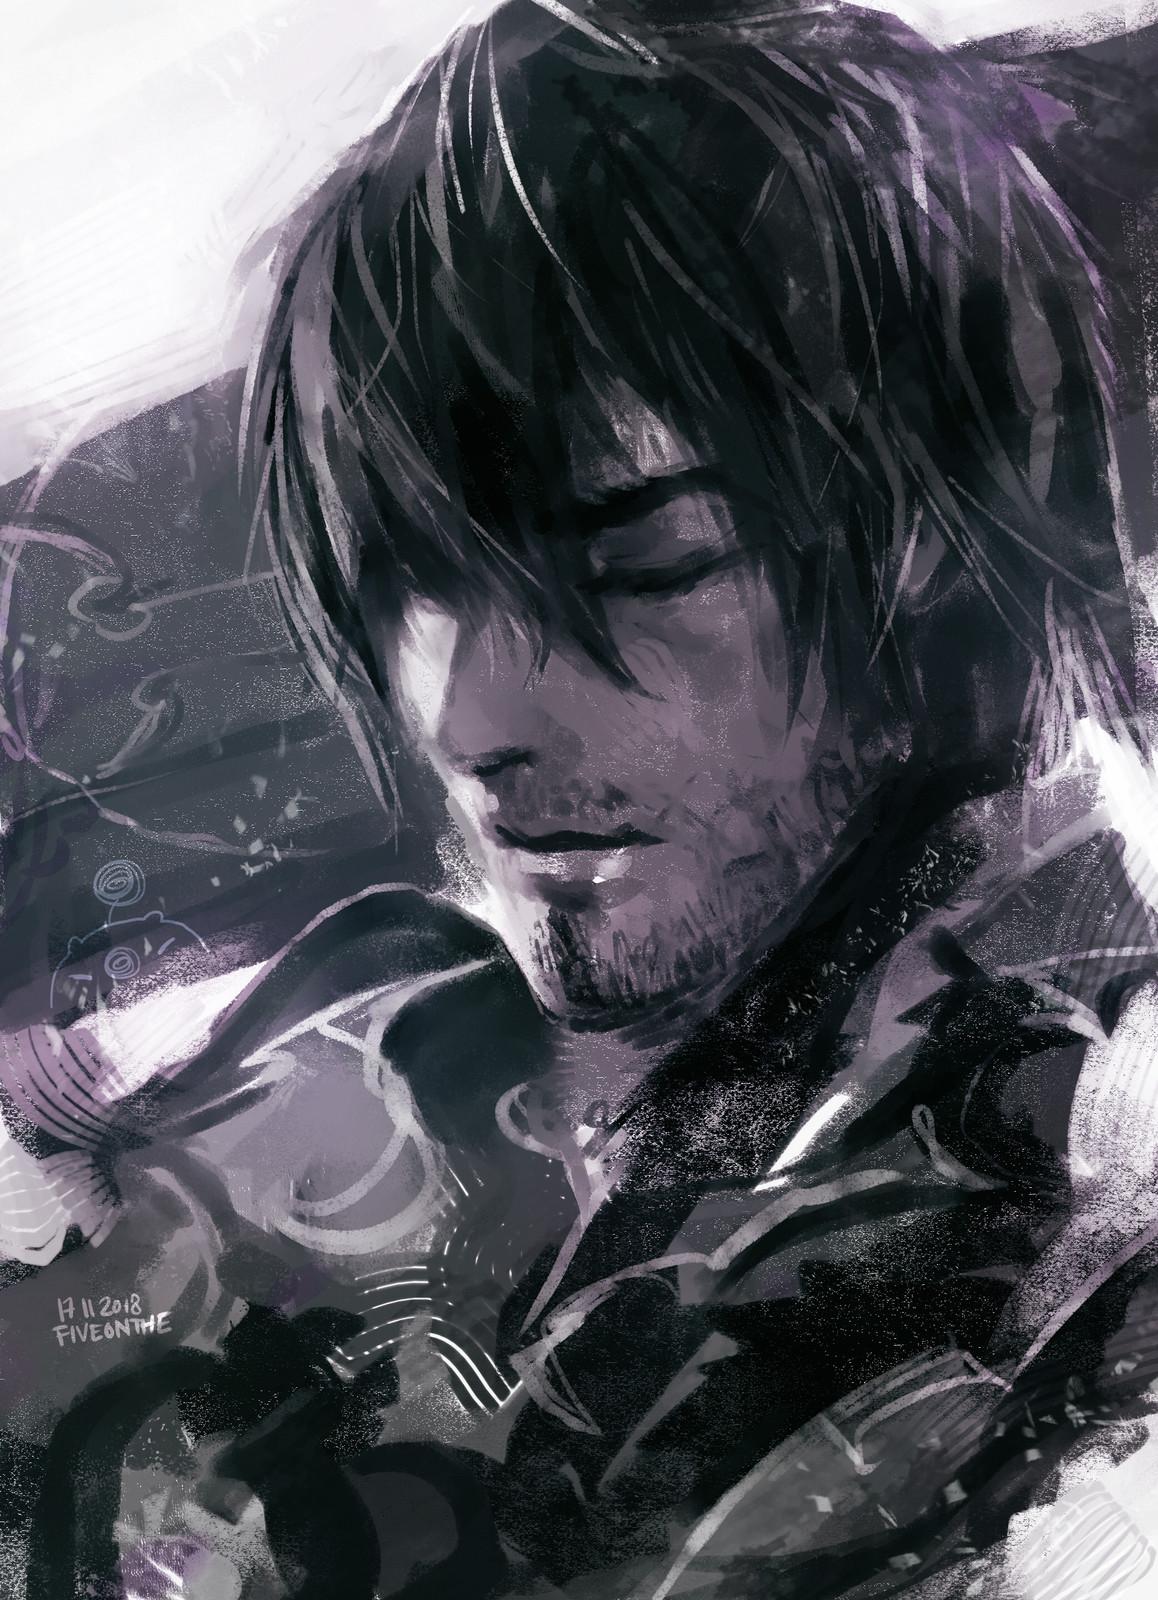 Warrior of Darkness.